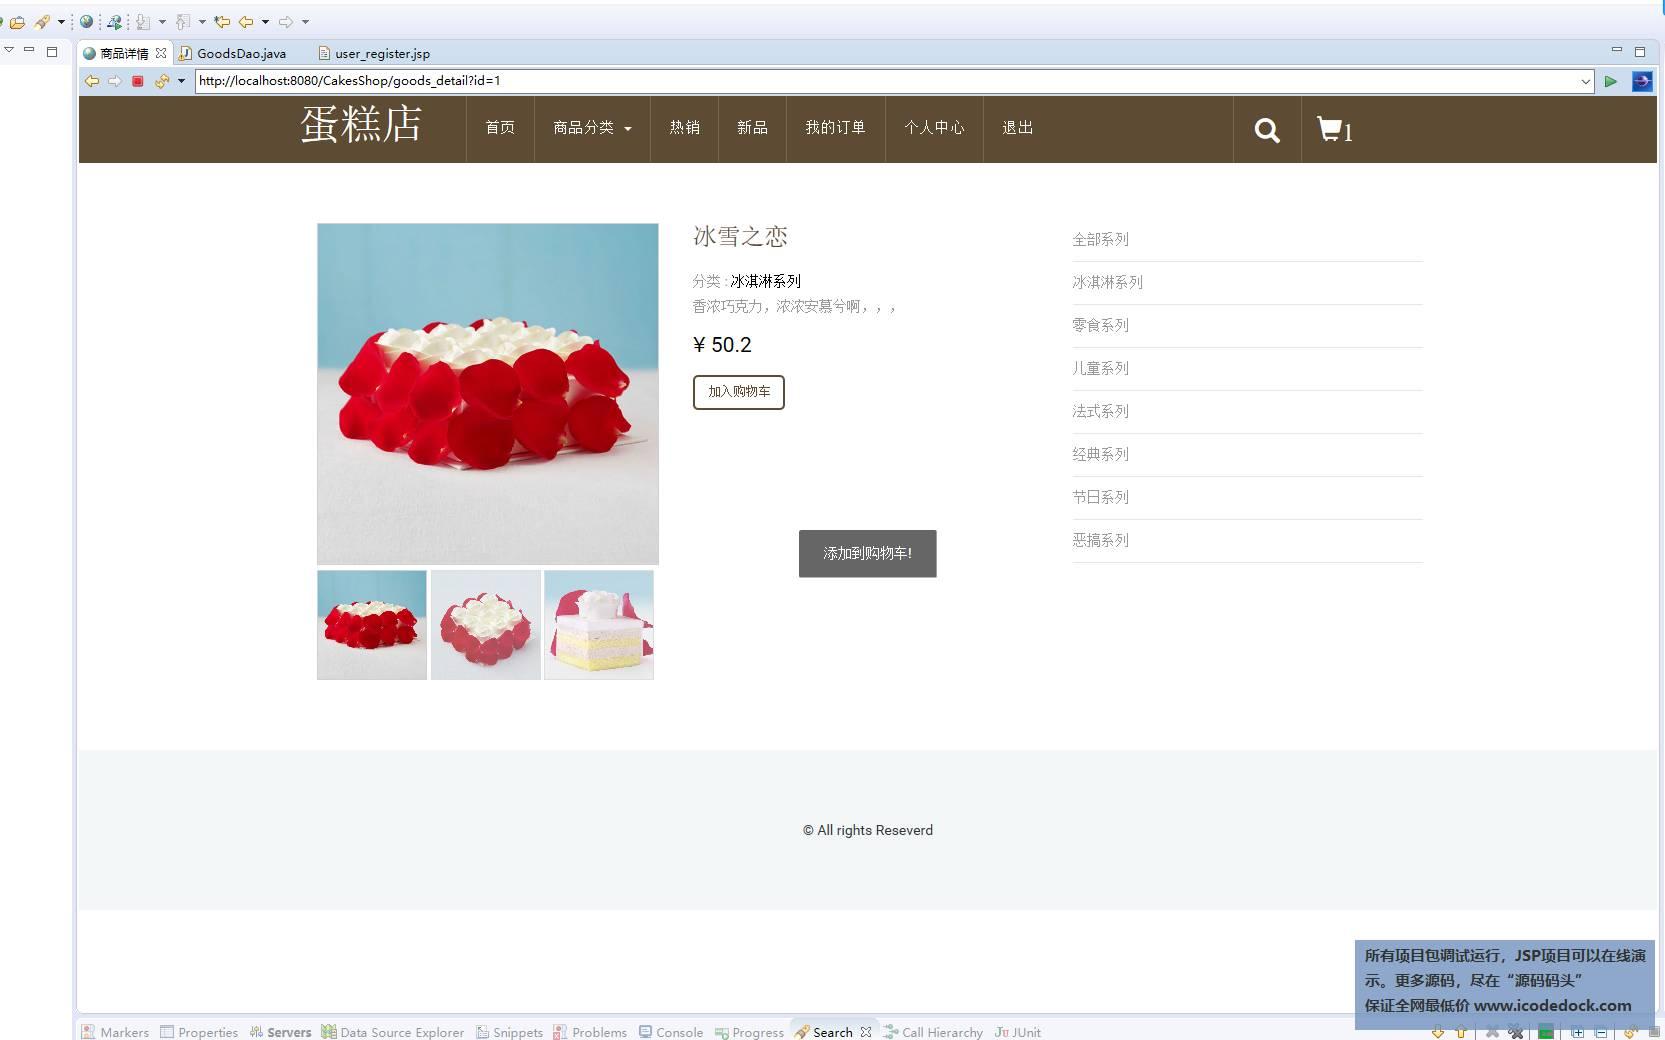 源码码头-JSP蛋糕甜品店管理系统-用户角色-购买商品